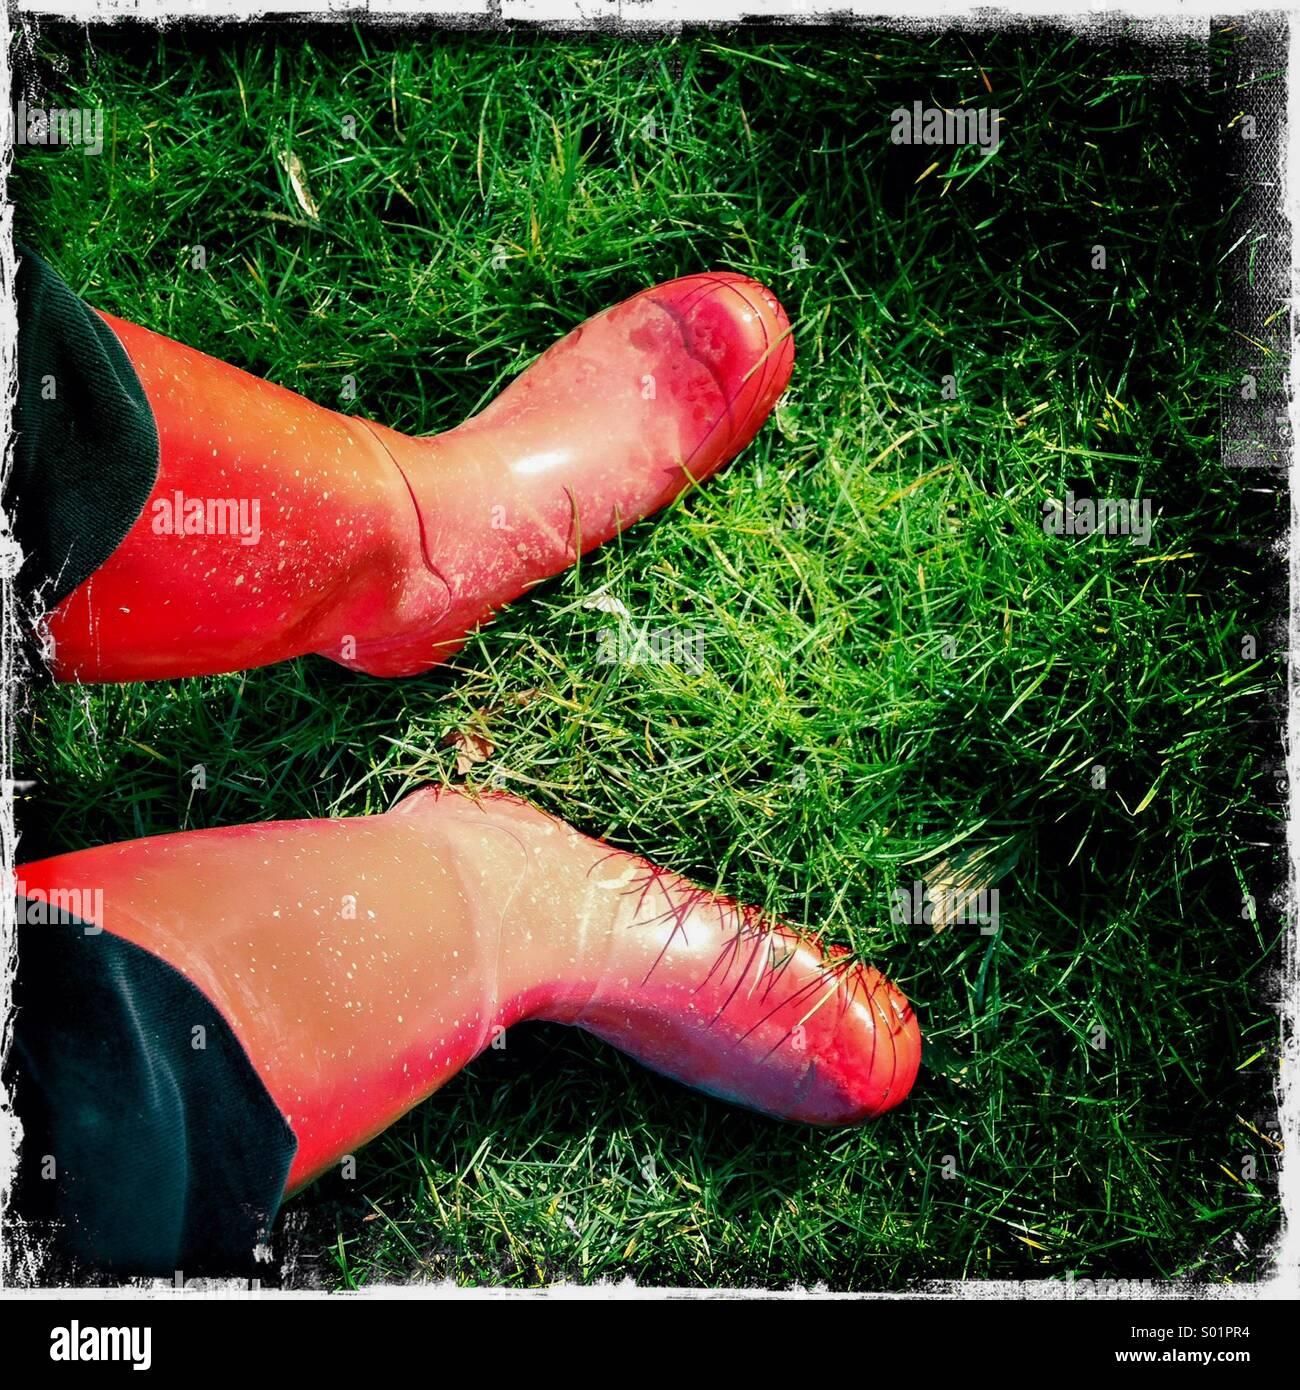 Barro Rojo botas Wellington sobre mojado, sodden hierba. Hipstamatic iPhone. Imagen De Stock